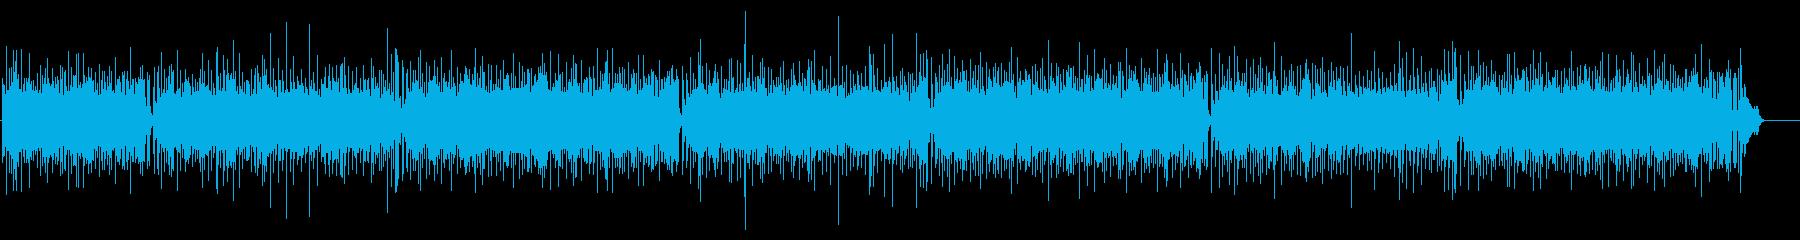 さわやか躍動するリズミカルなポップスの再生済みの波形